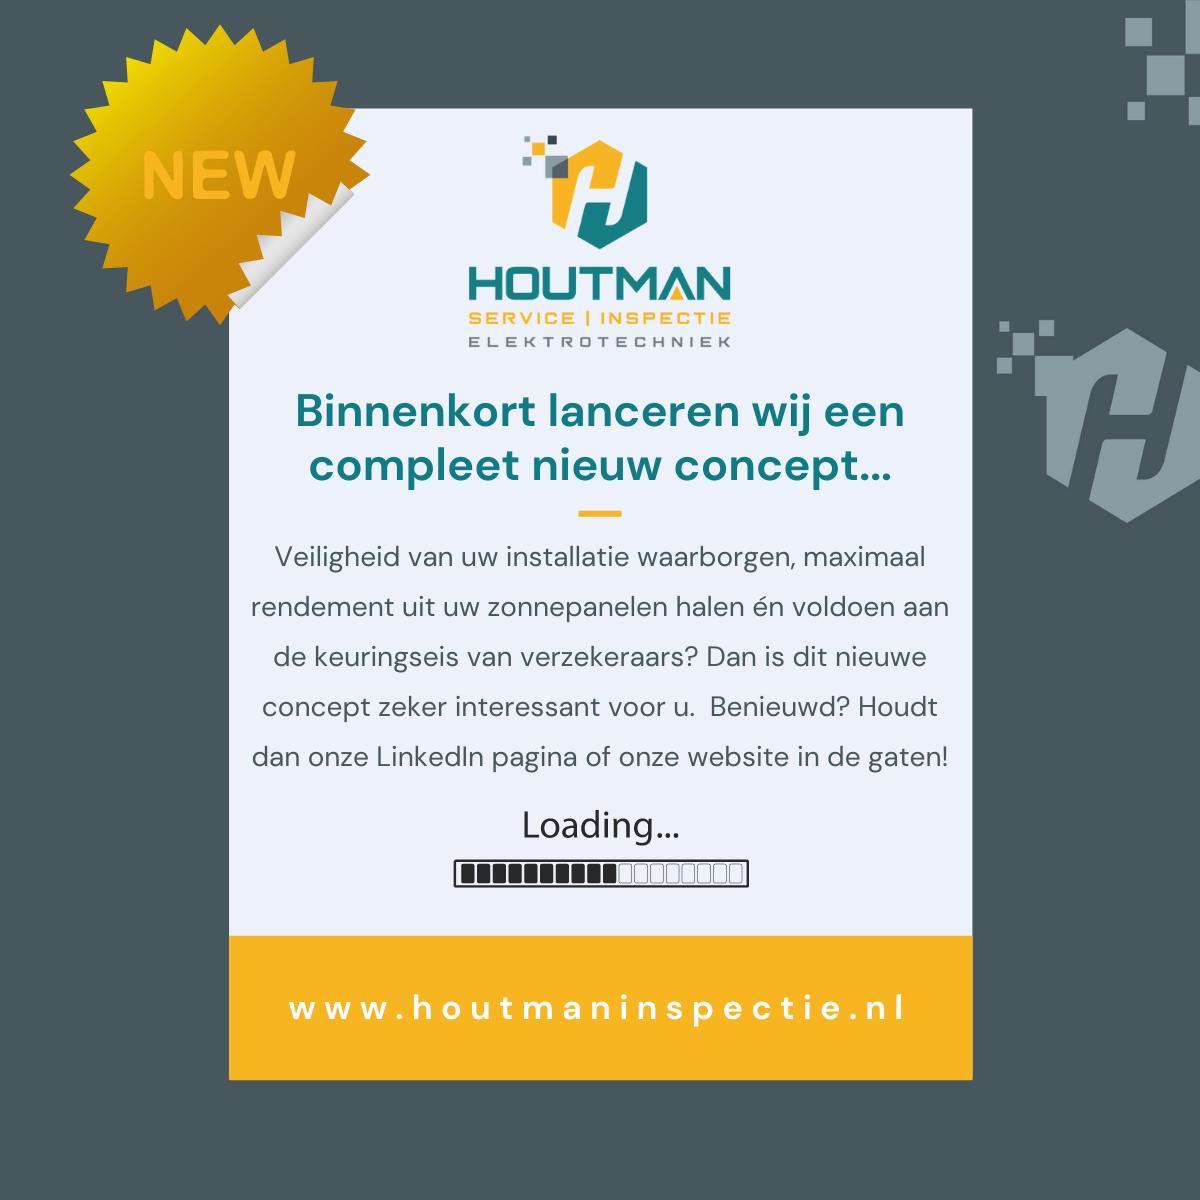 Onderhoudscontract Houtman Inspectie - Scope 12 inspectie